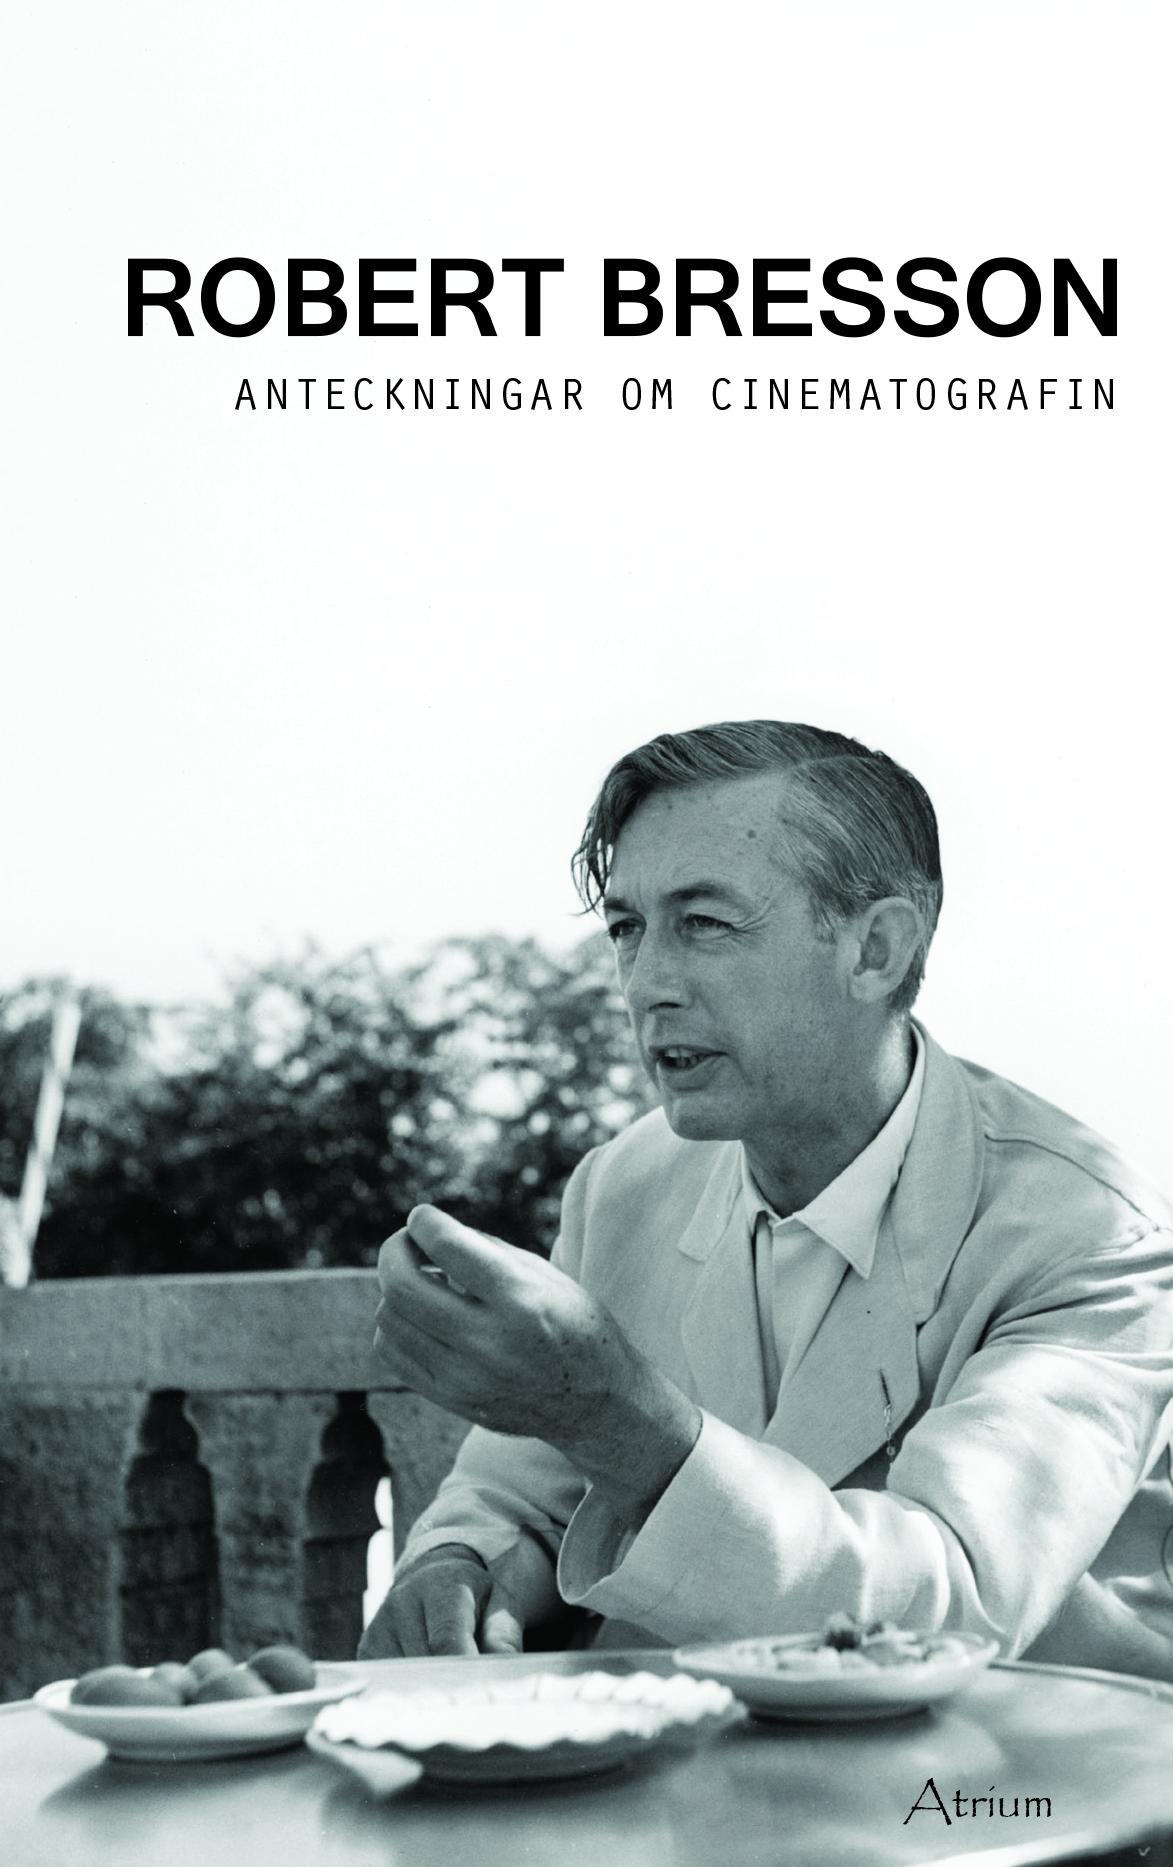 Anteckningar om cinematografin - Robert Bresson